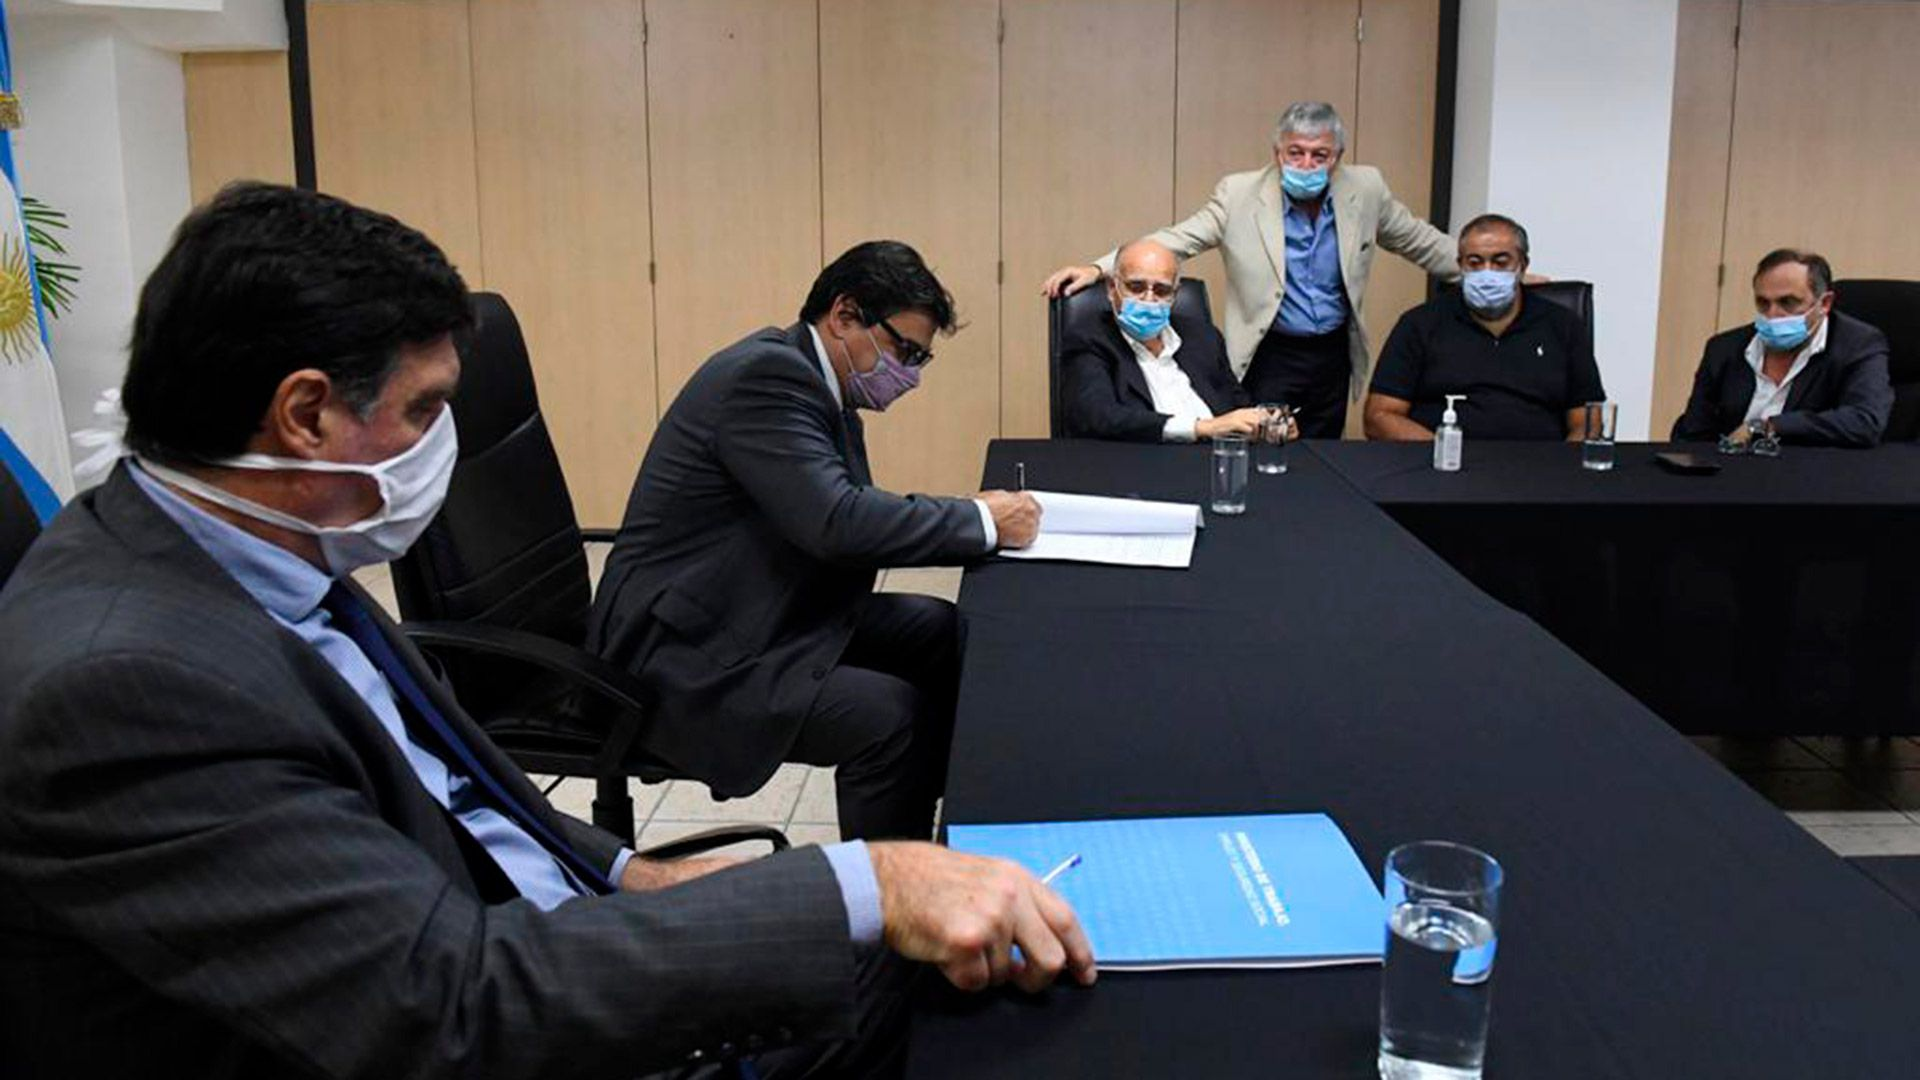 ministro Claudio Moroni firma el acuerdo salarial de Sanidad con empresarios y los sindicalistas Héctor Daer y Carlos West Ocampo